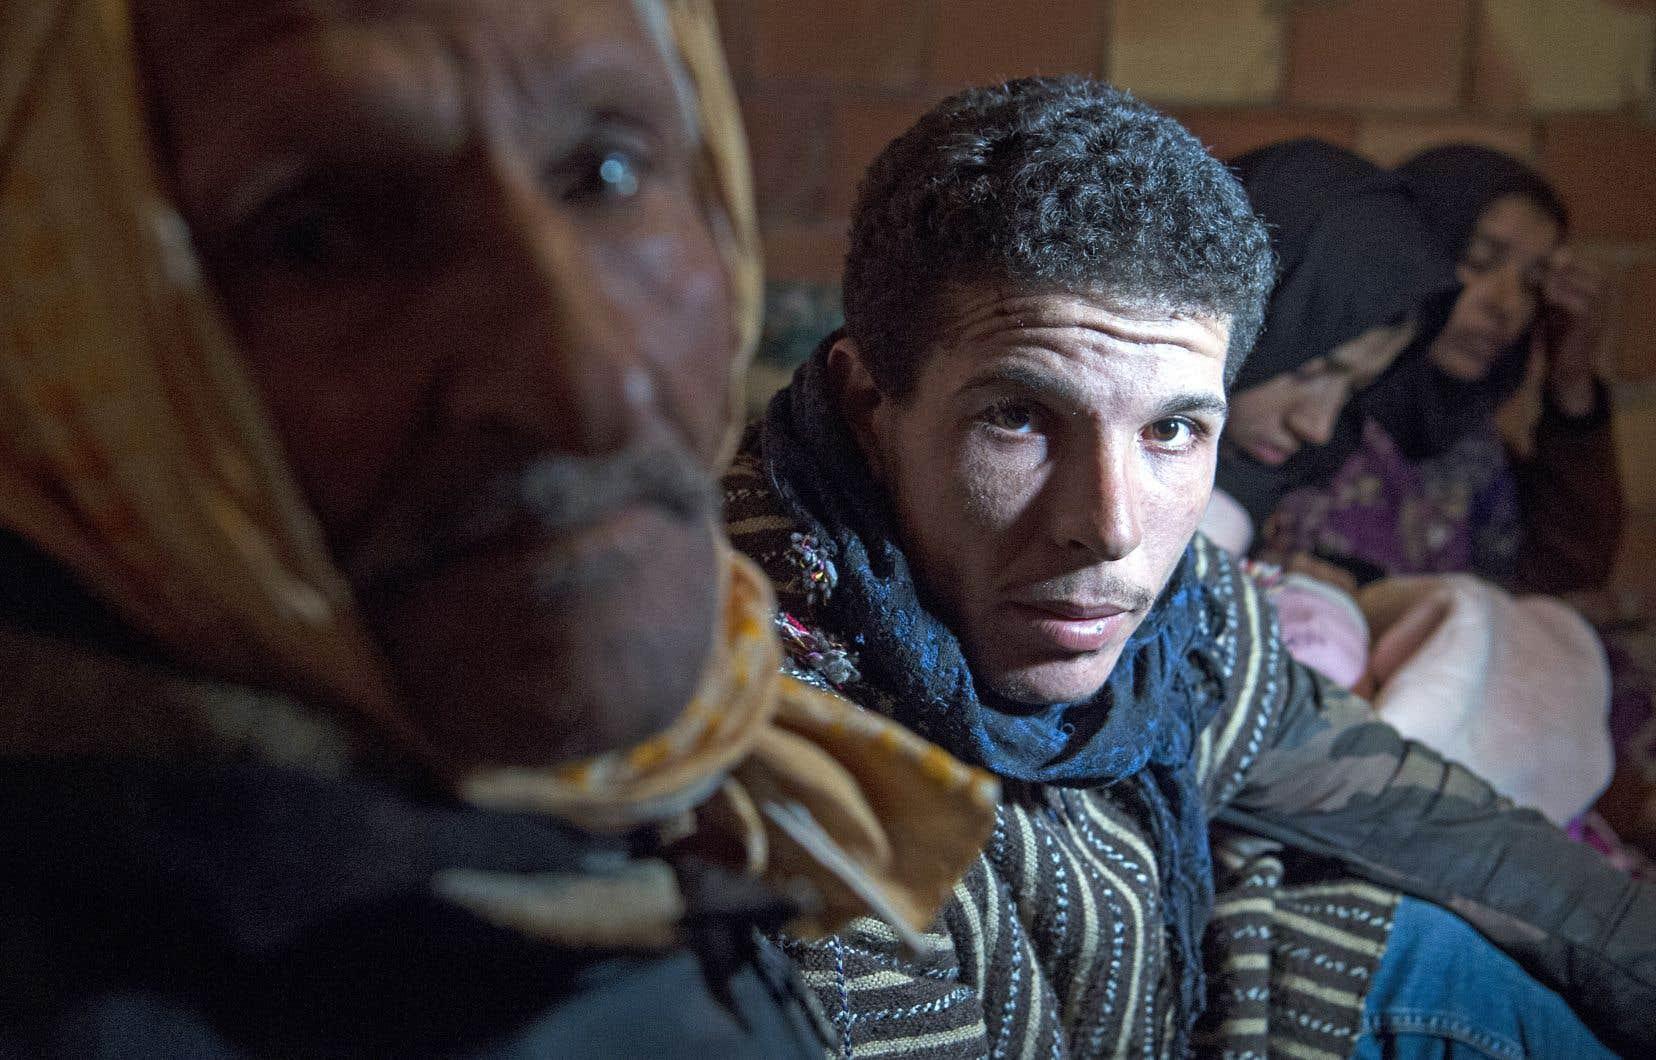 Abderrazak vit dans une modeste maison avec son père, ses six frères, sa femme et sa fille.